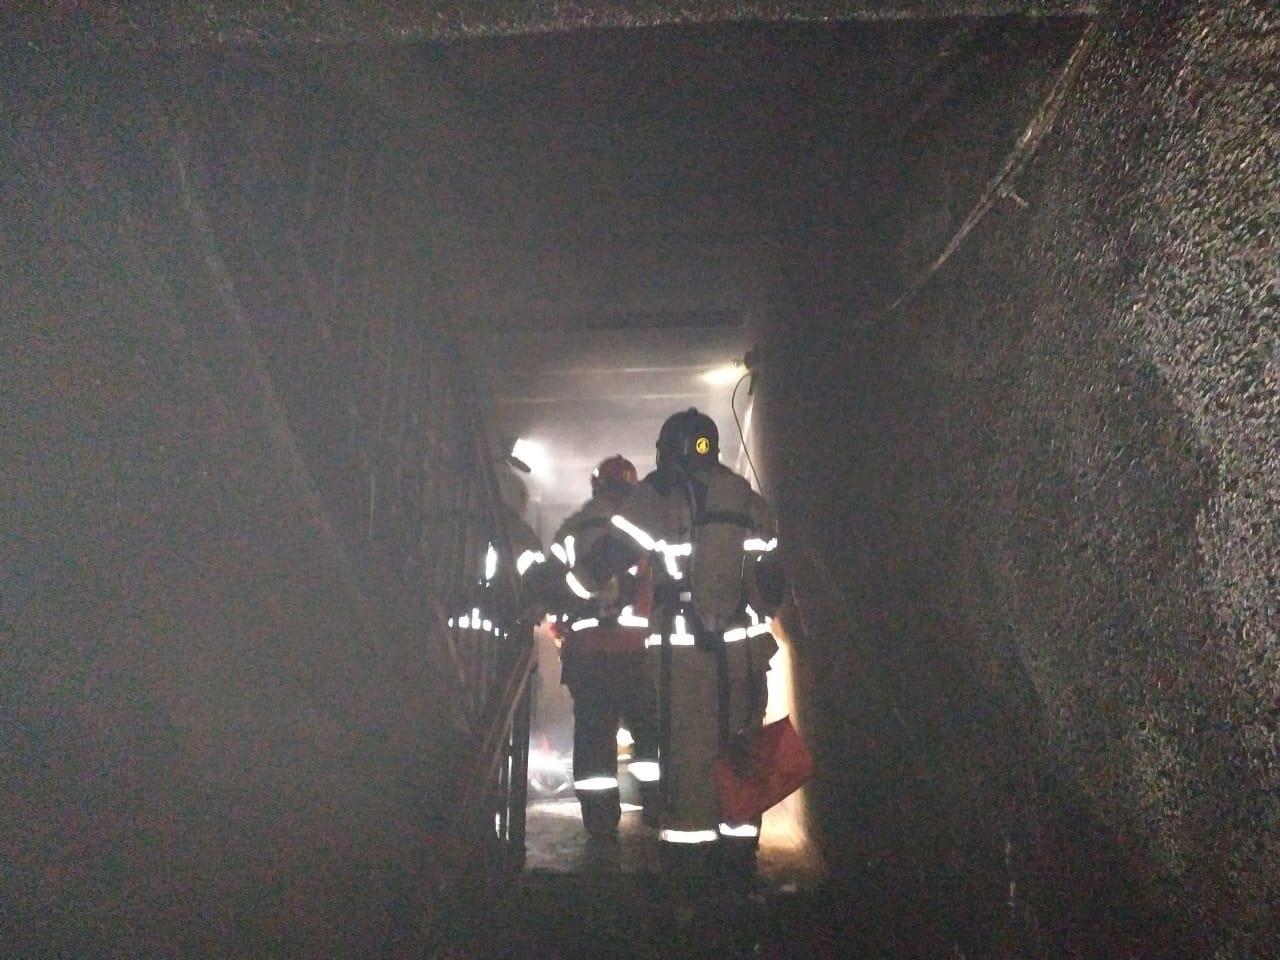 Пять человек погибли при пожаре в Хабаровске